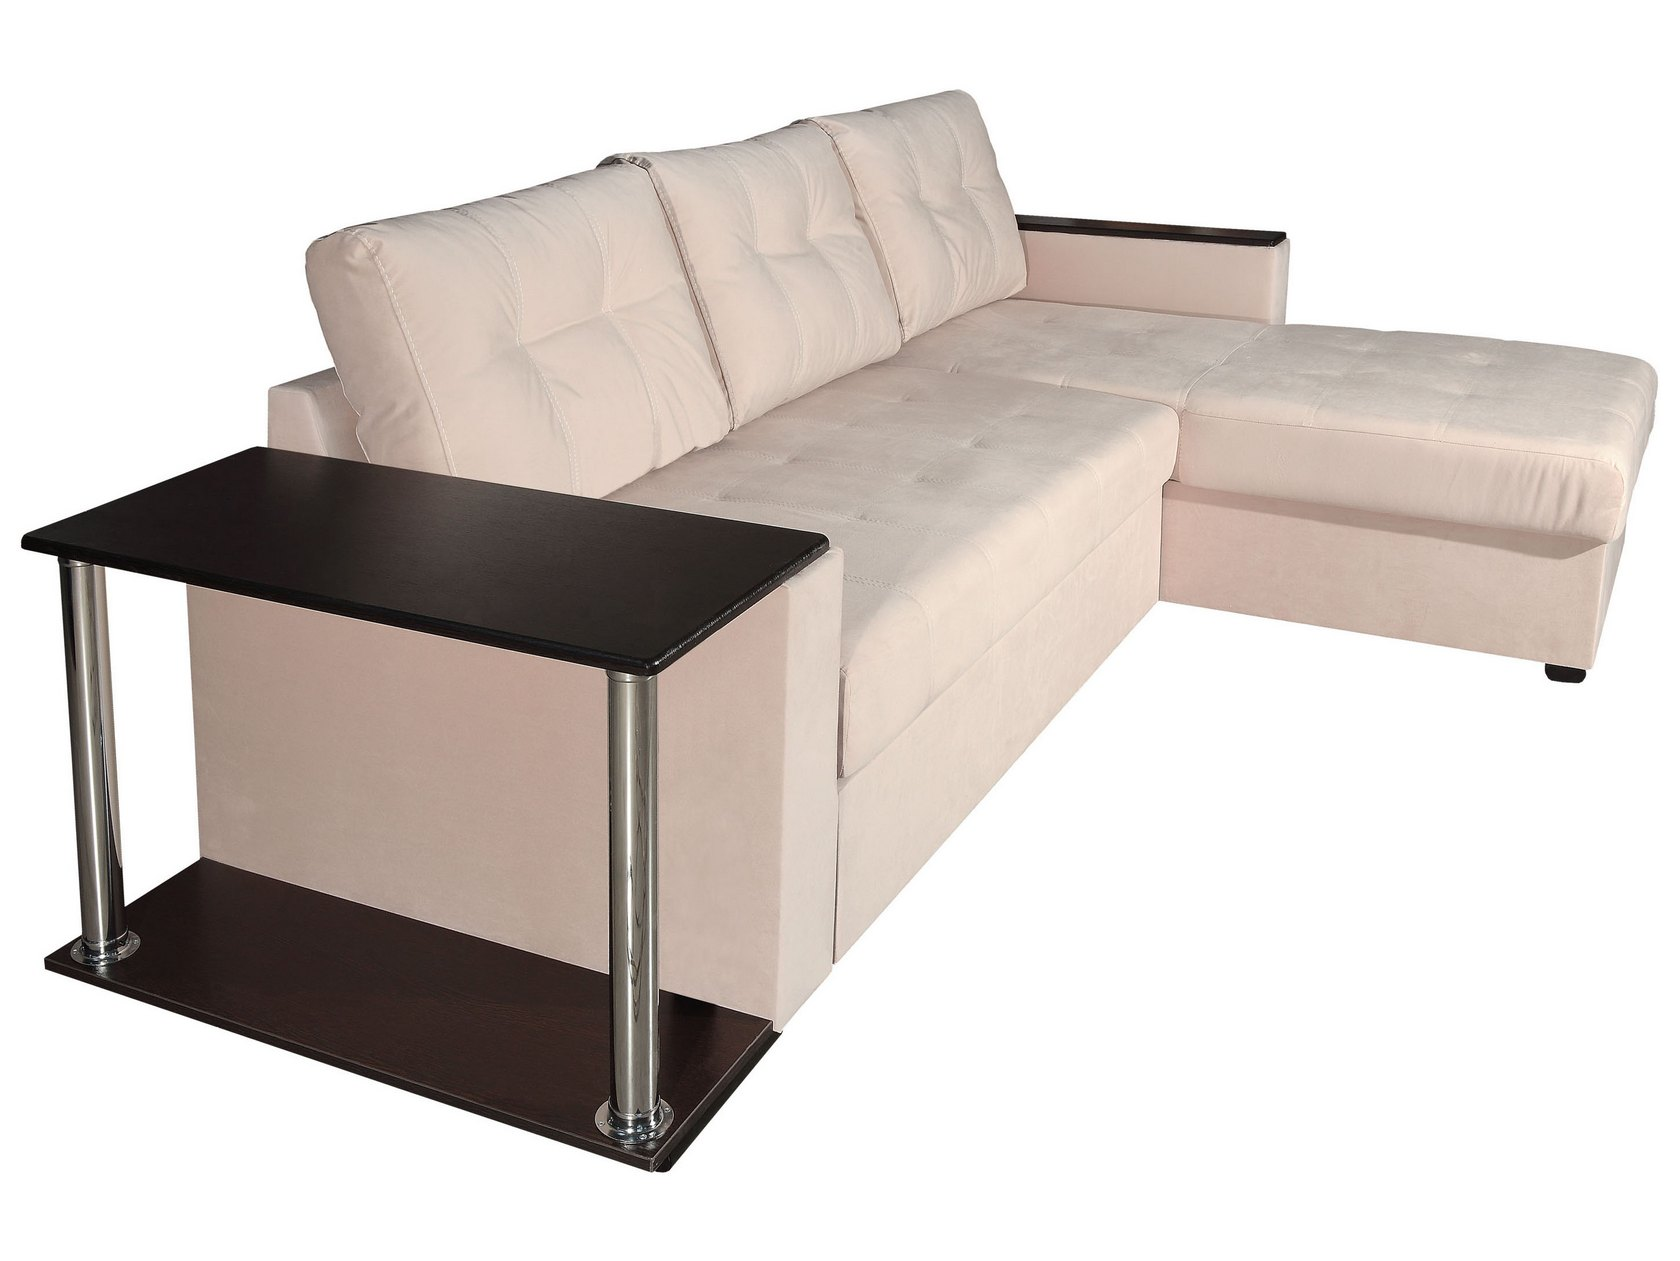 мебель г клинцы фото диваныч старшова горячие